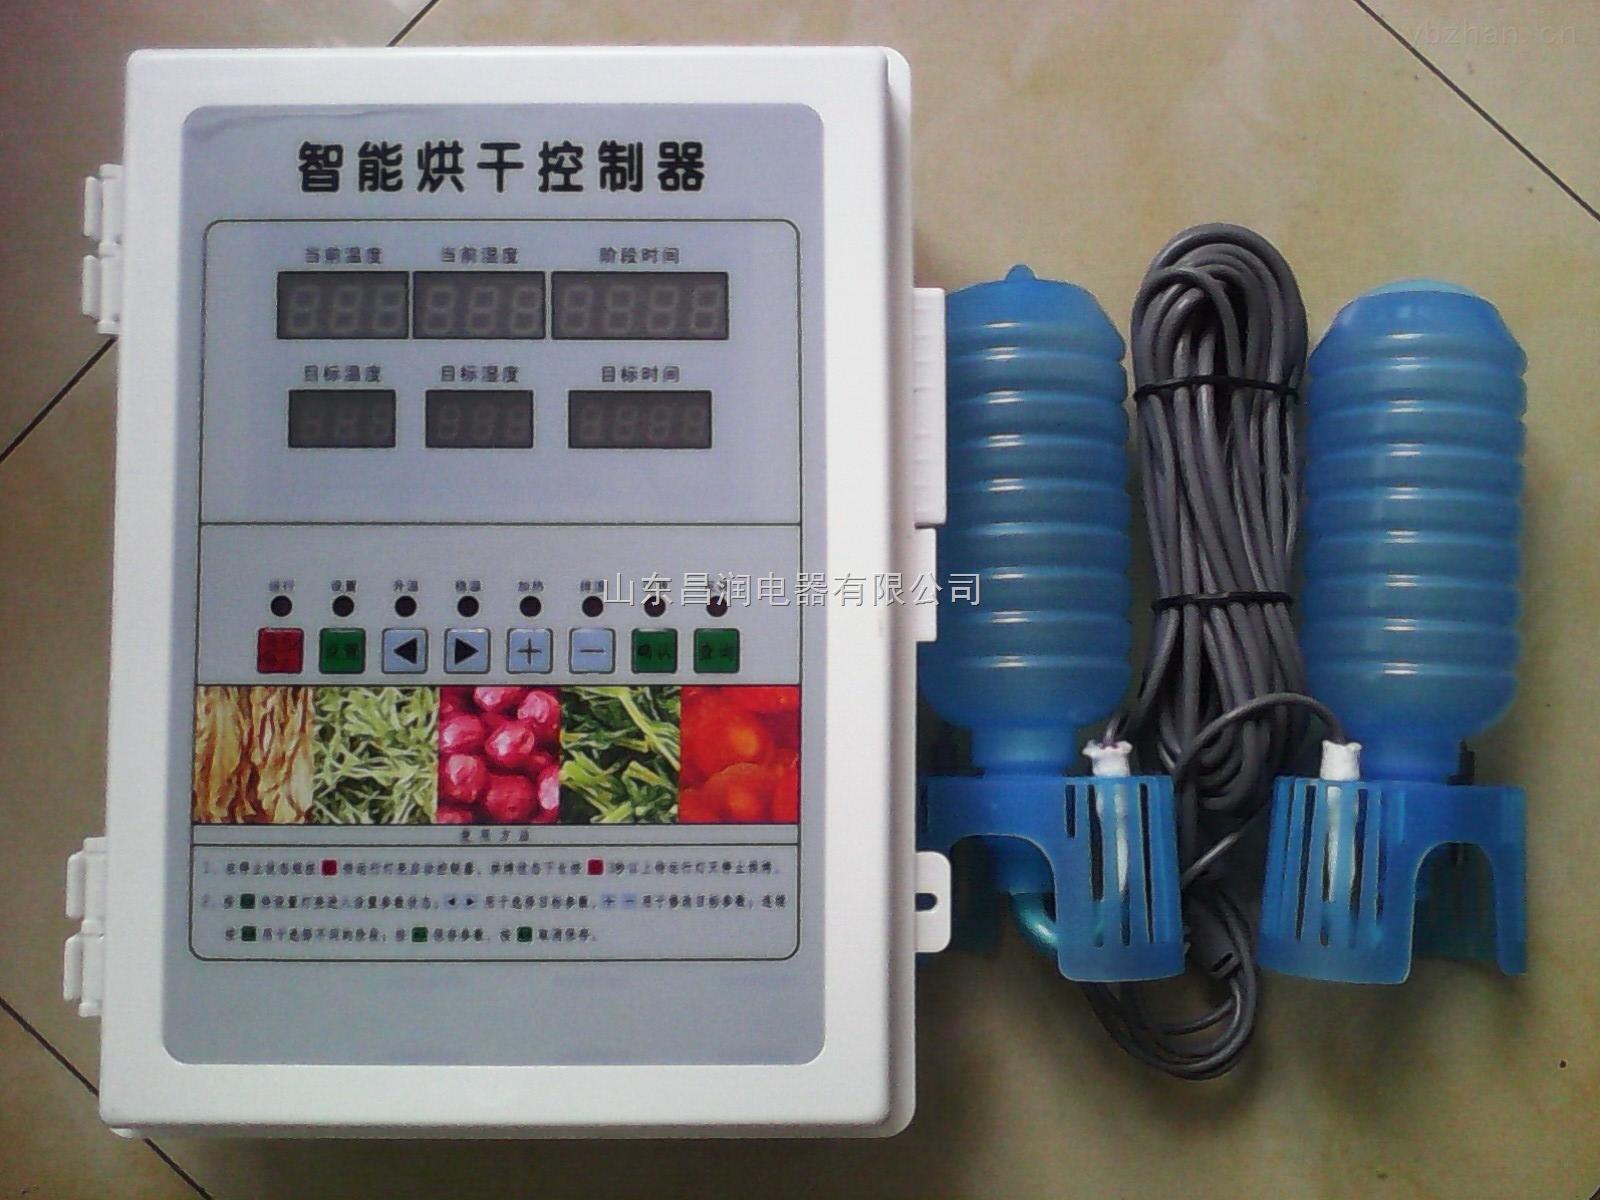 烤房控制器 智能控制系统_温度仪表_控制显示仪_温度